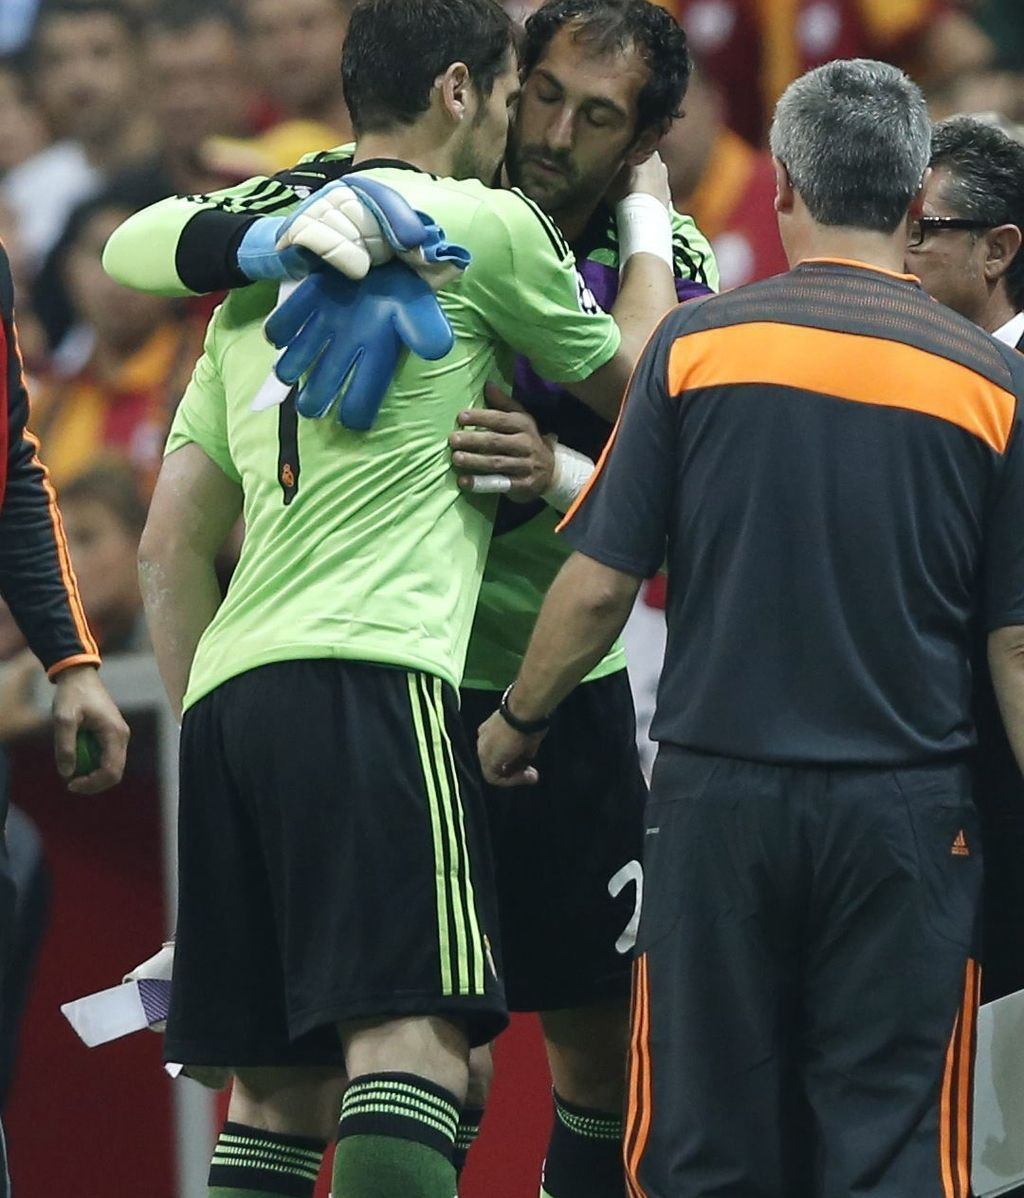 El guardameta del Real Madrid, Iker Casillas (izda), recibe el abrazo de su compañero Diego López (c), tras retirarse lesionado del primer partido del grupo B de la Liga de Campeones disputado frente al Galatasaray